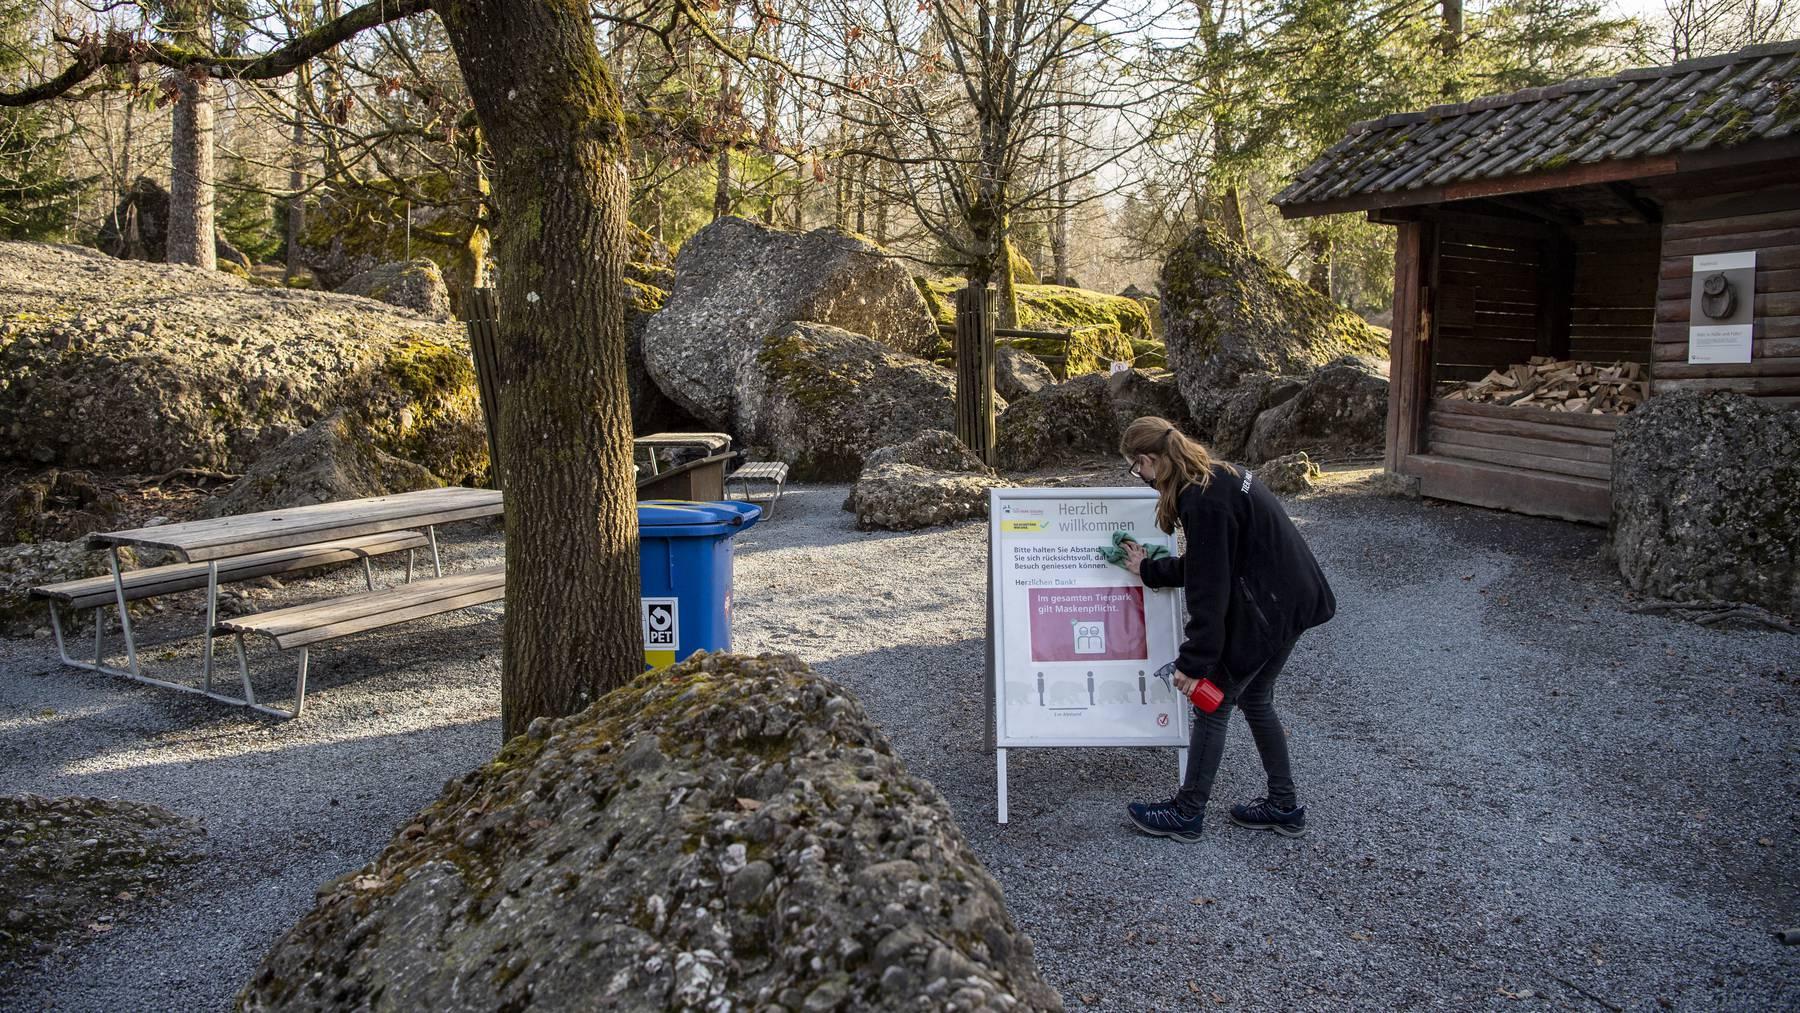 Die Vorbereitungen auf die Wiedereroeffnung des Tierpark Goldau laufen am Donnerstag, 25. Februar 2021 auf Hochtouren. Der Tierpark Goldau ist ab Montag, 1. Maerz 2021 wieder fuer die Besucher geoeffnet.